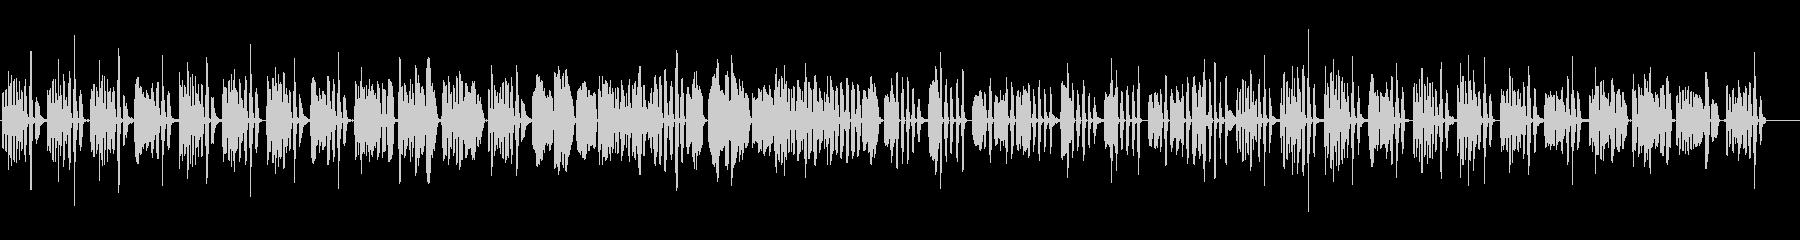 ゴセック/ガヴォット/へたっぴソロの未再生の波形